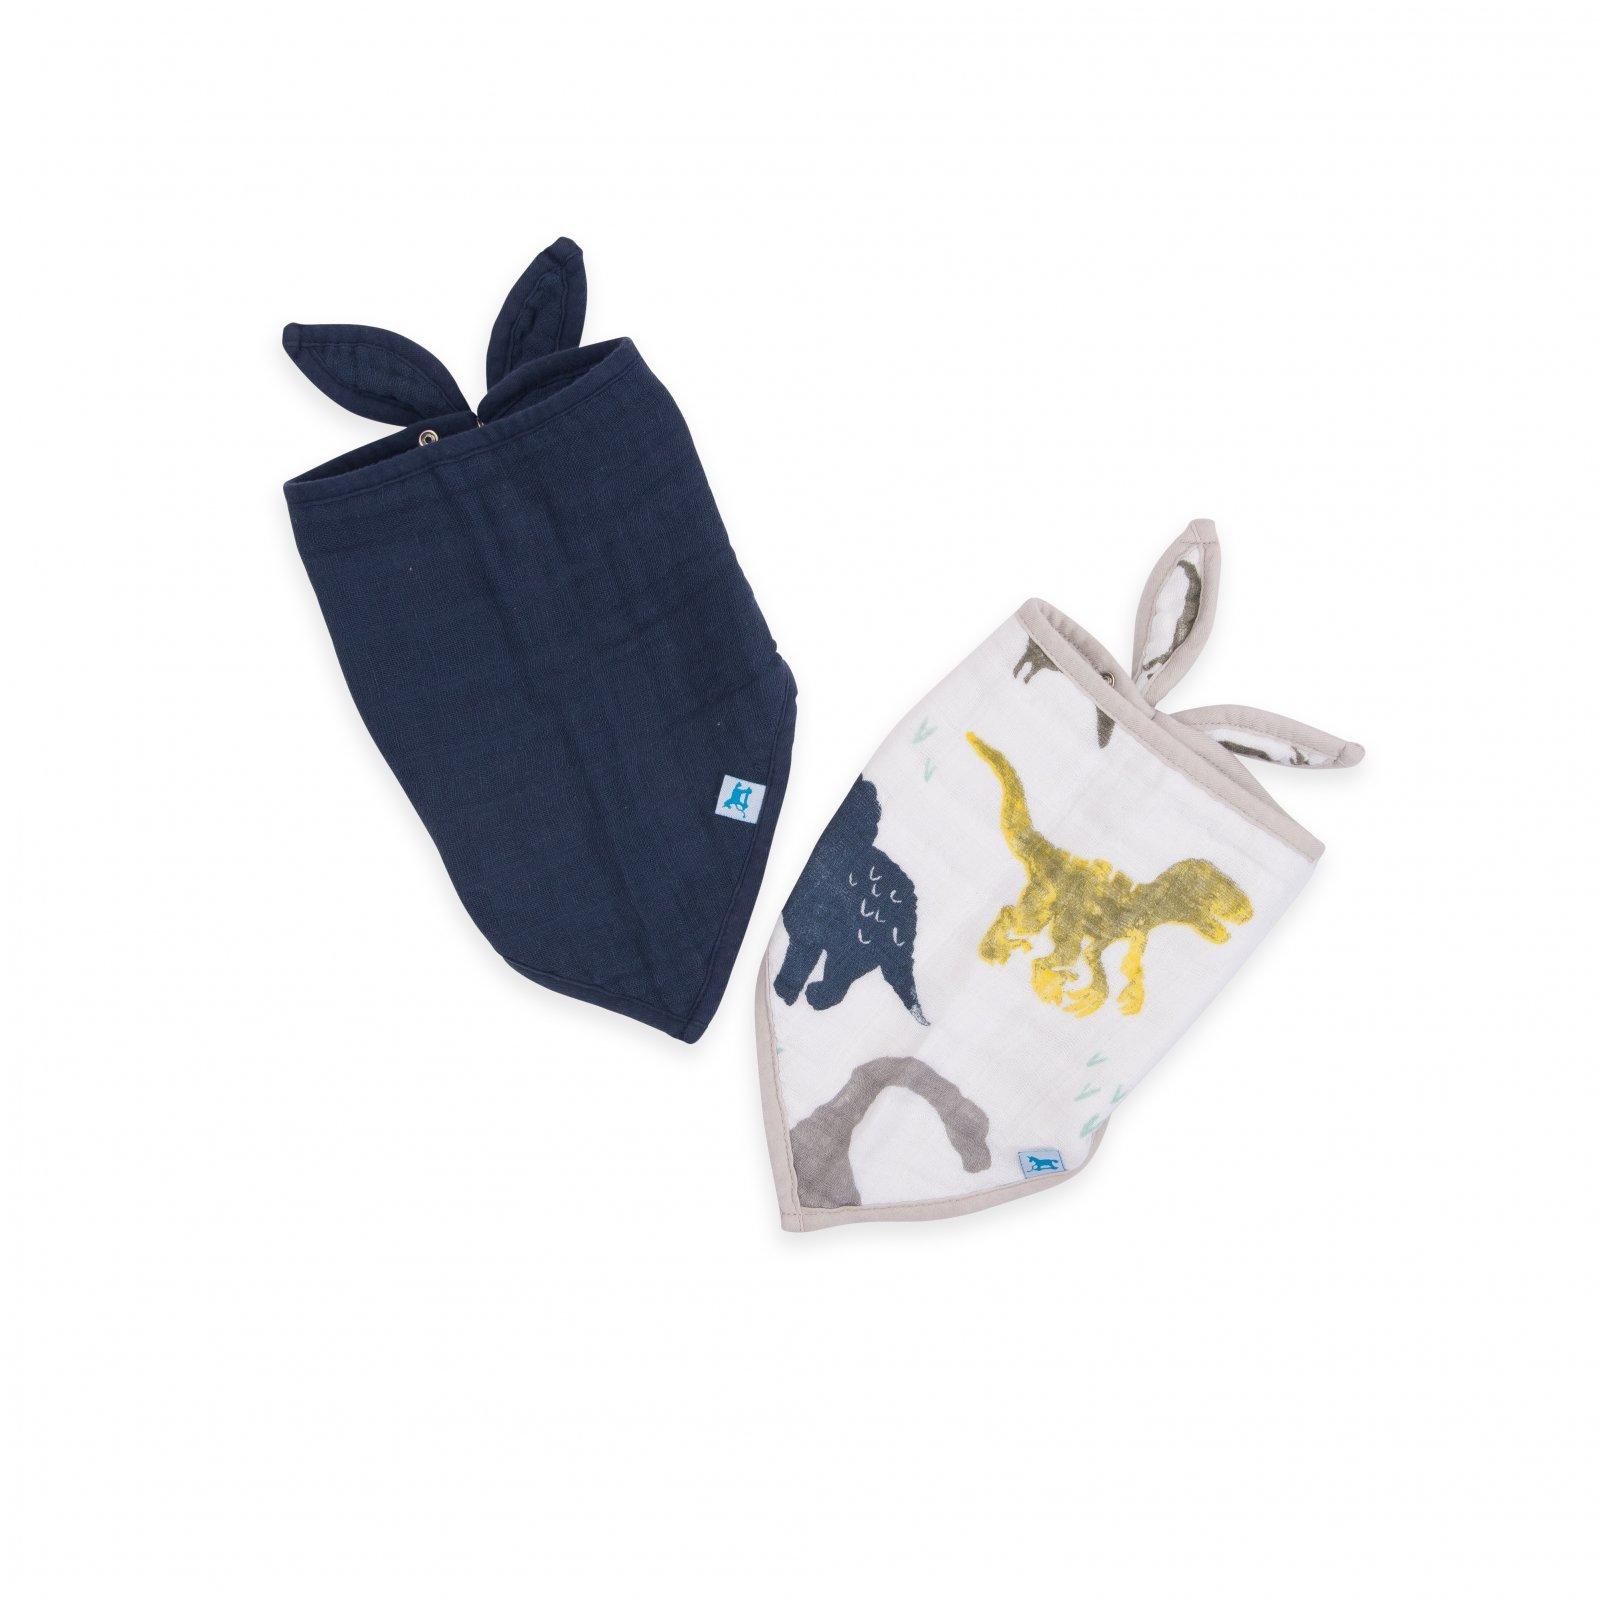 Little Unicorn Cotton Muslin Bandana Bib 2 pack - Dino Friends